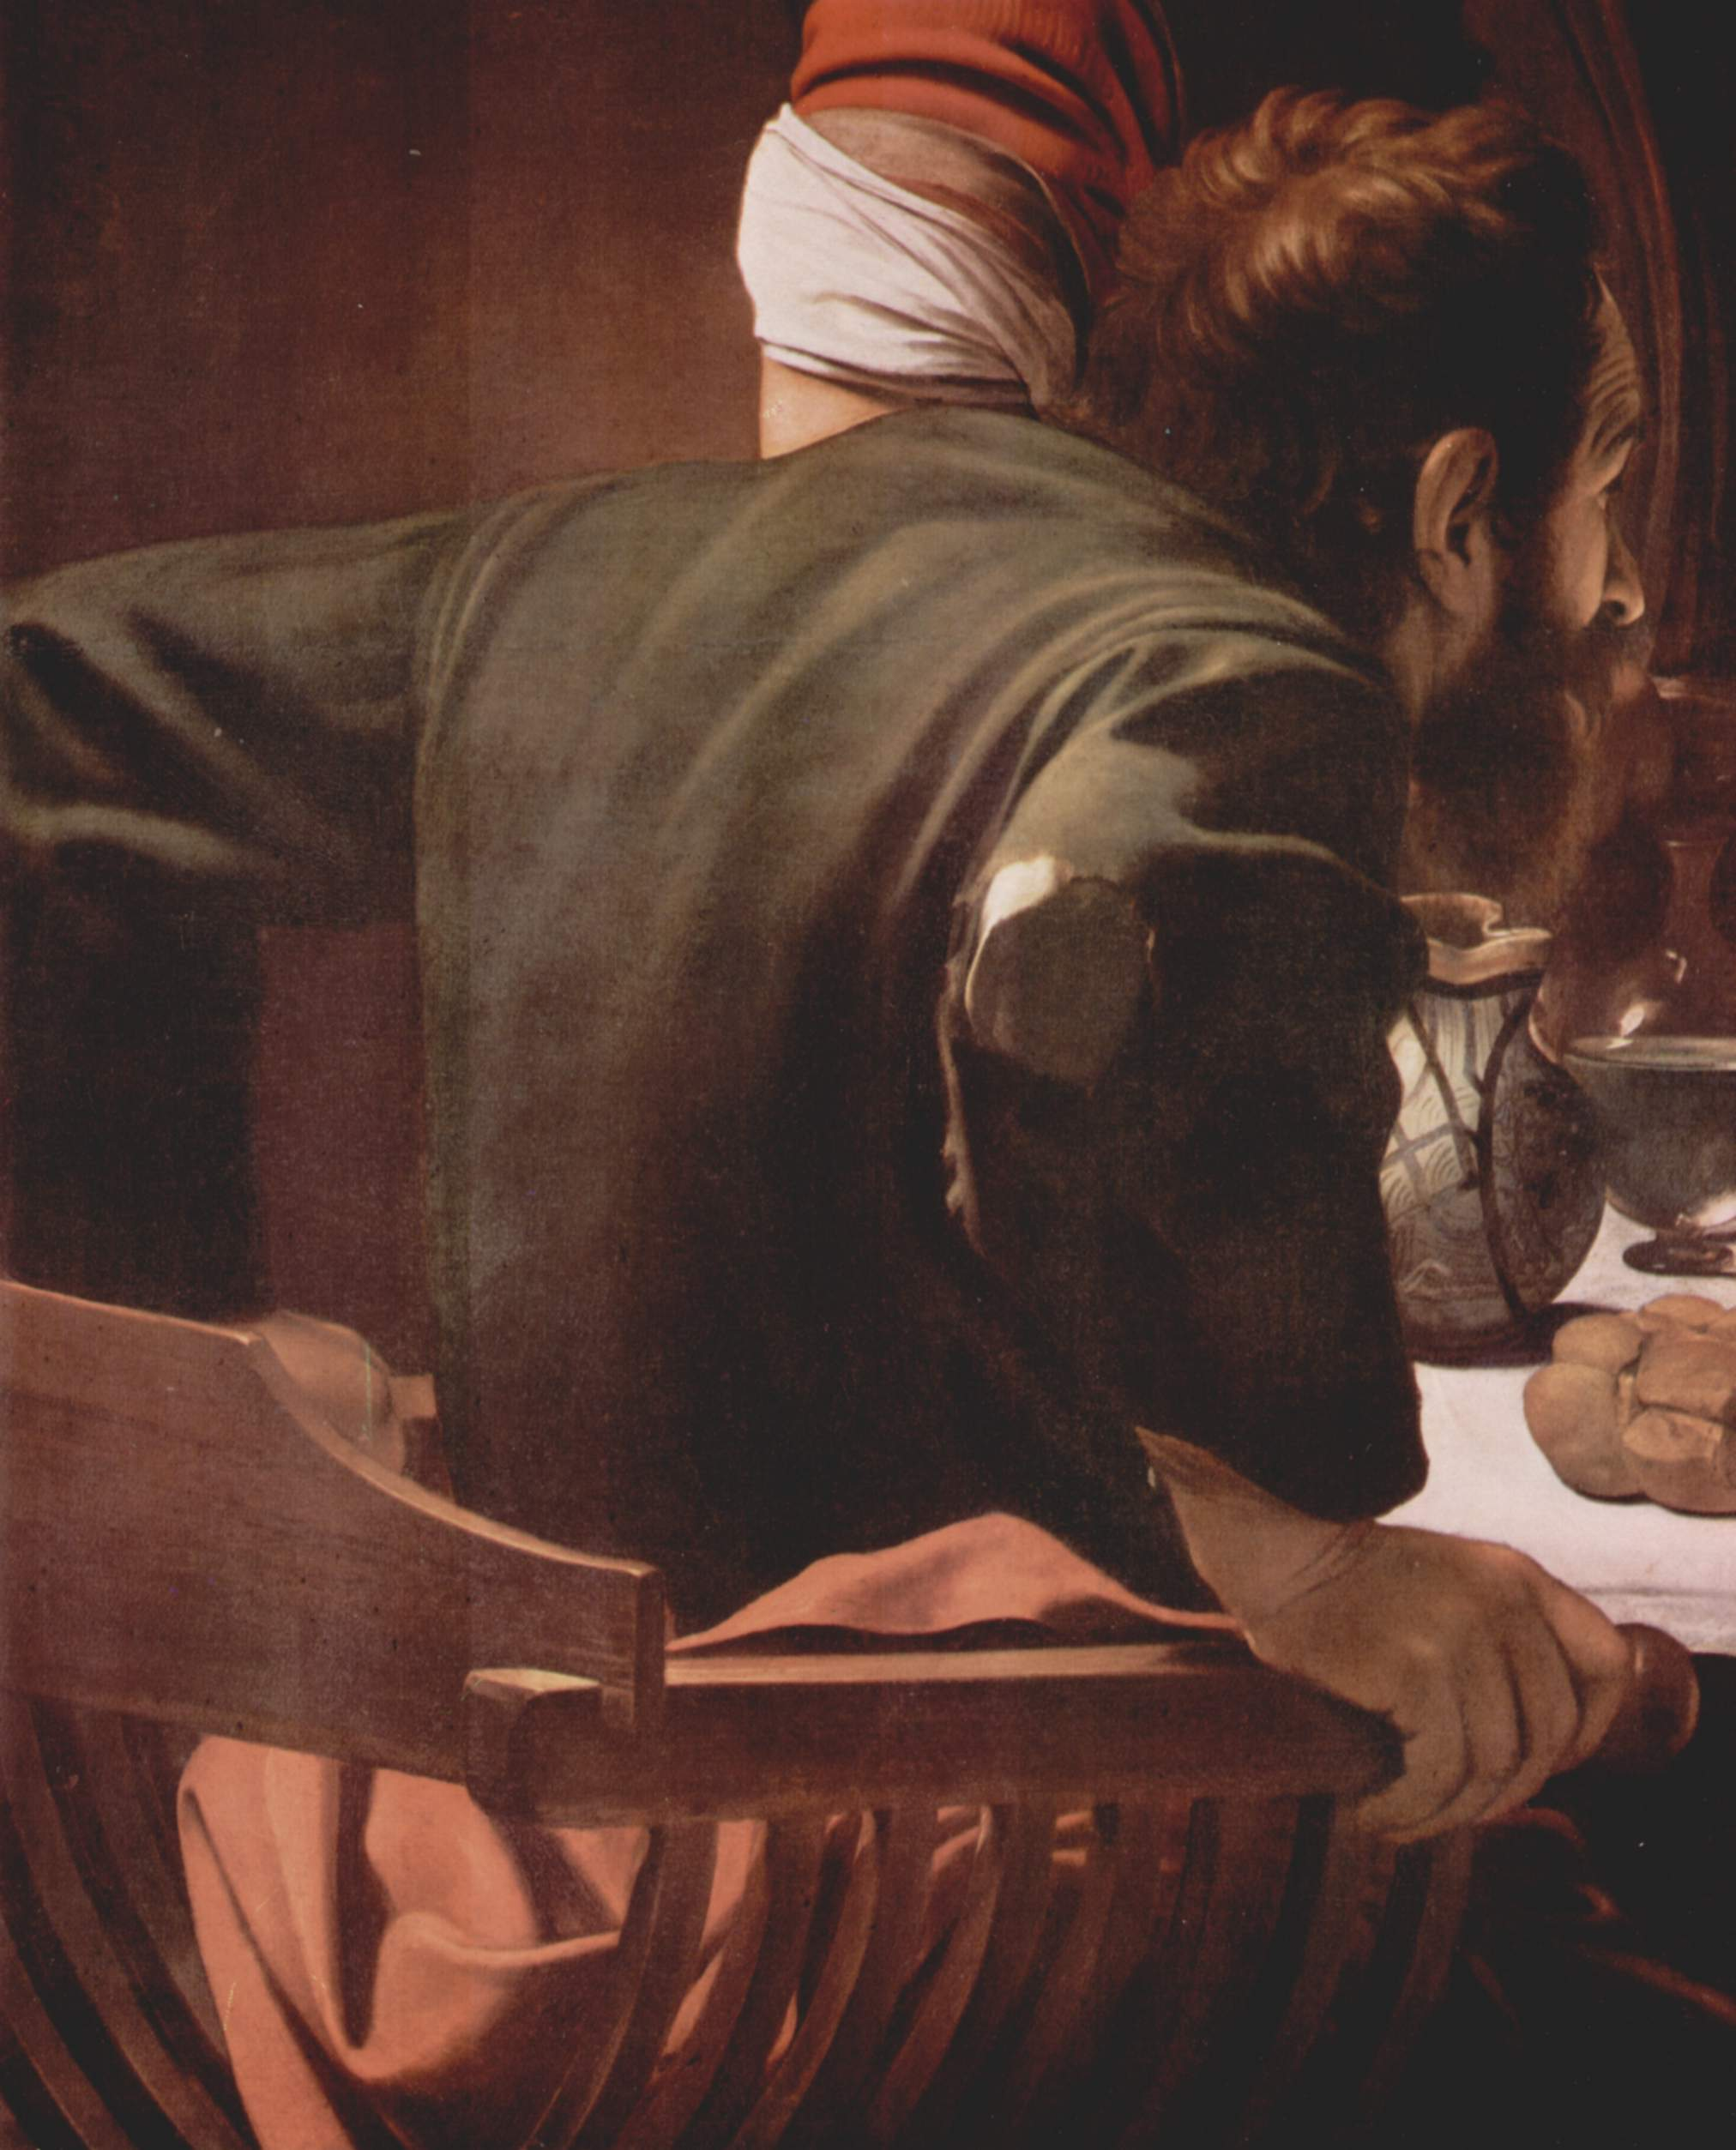 Христос в Эммаусе. Деталь, Микеланджело Меризи де Караваджо